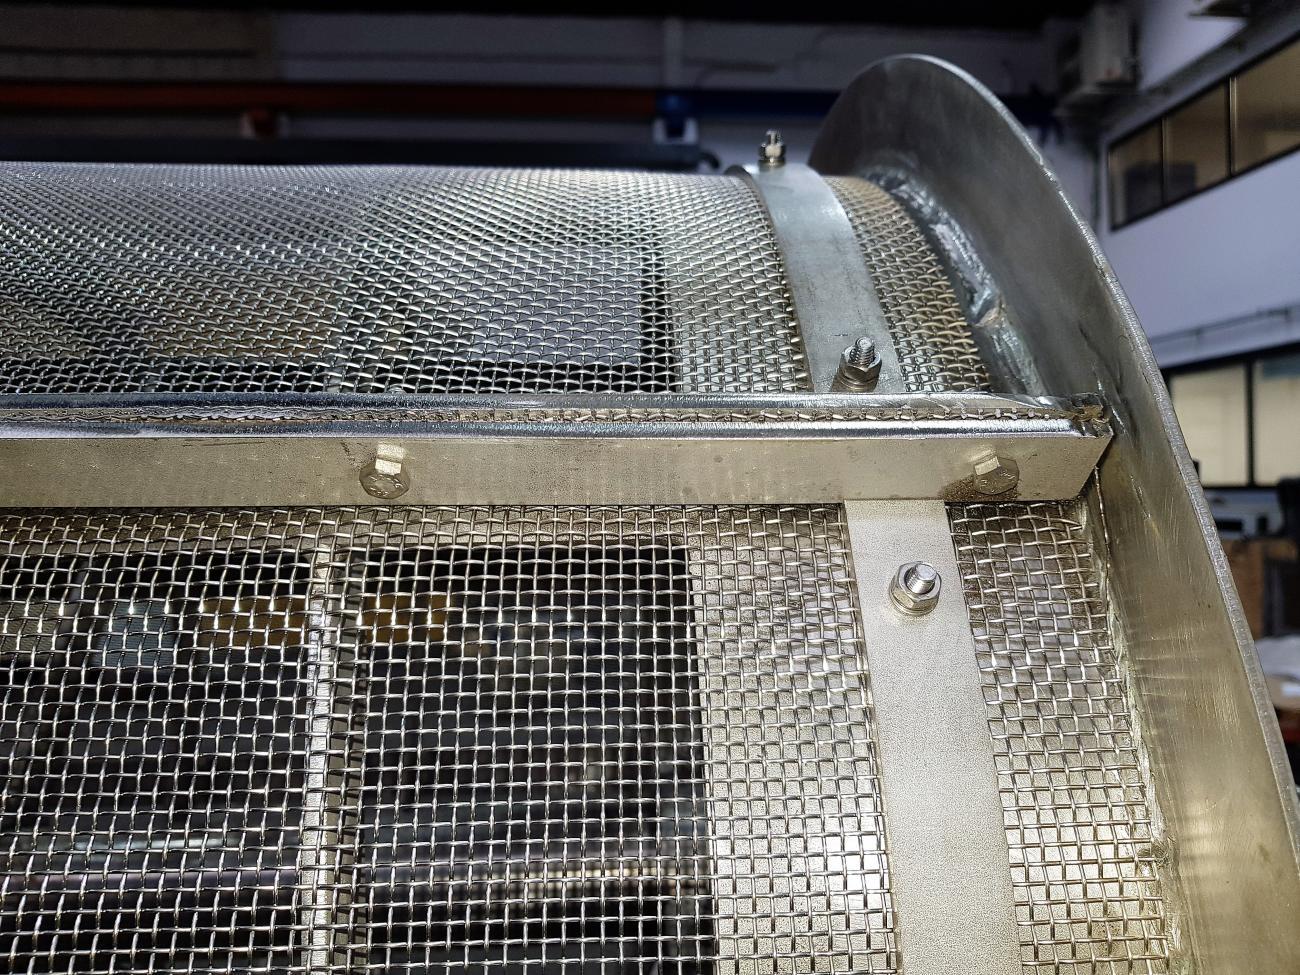 Uniones en el agotador para lodos, limpieza y tratado de lodos para conseguir separación de diferentes elementos en el lodo.